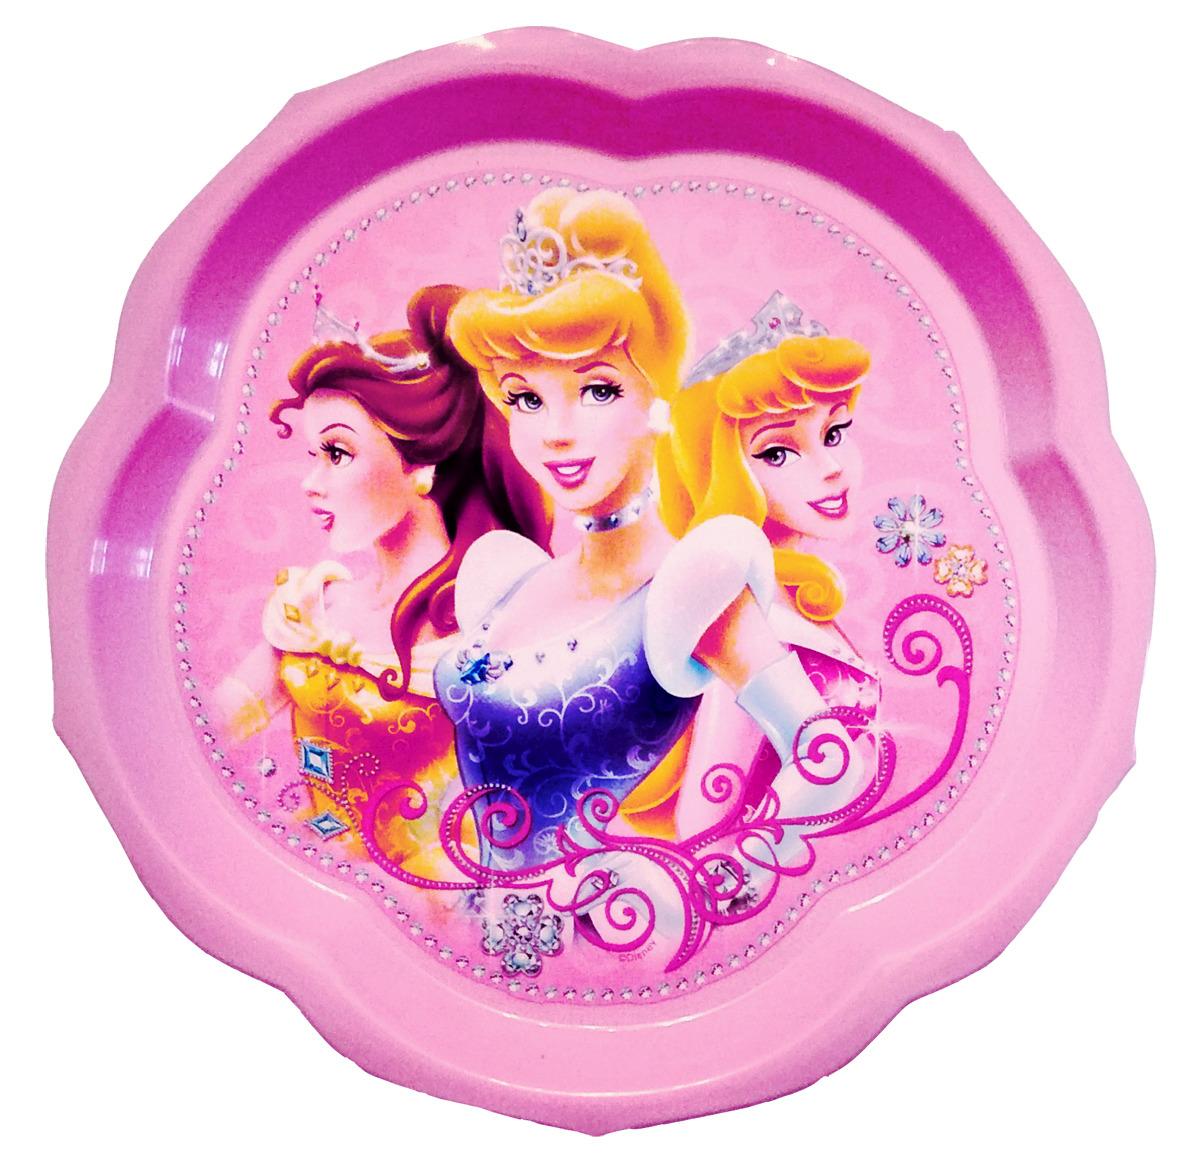 Тарелка Disney детская, фигурная Принцессы, розовый disney приглашения юной принцессы принцессы